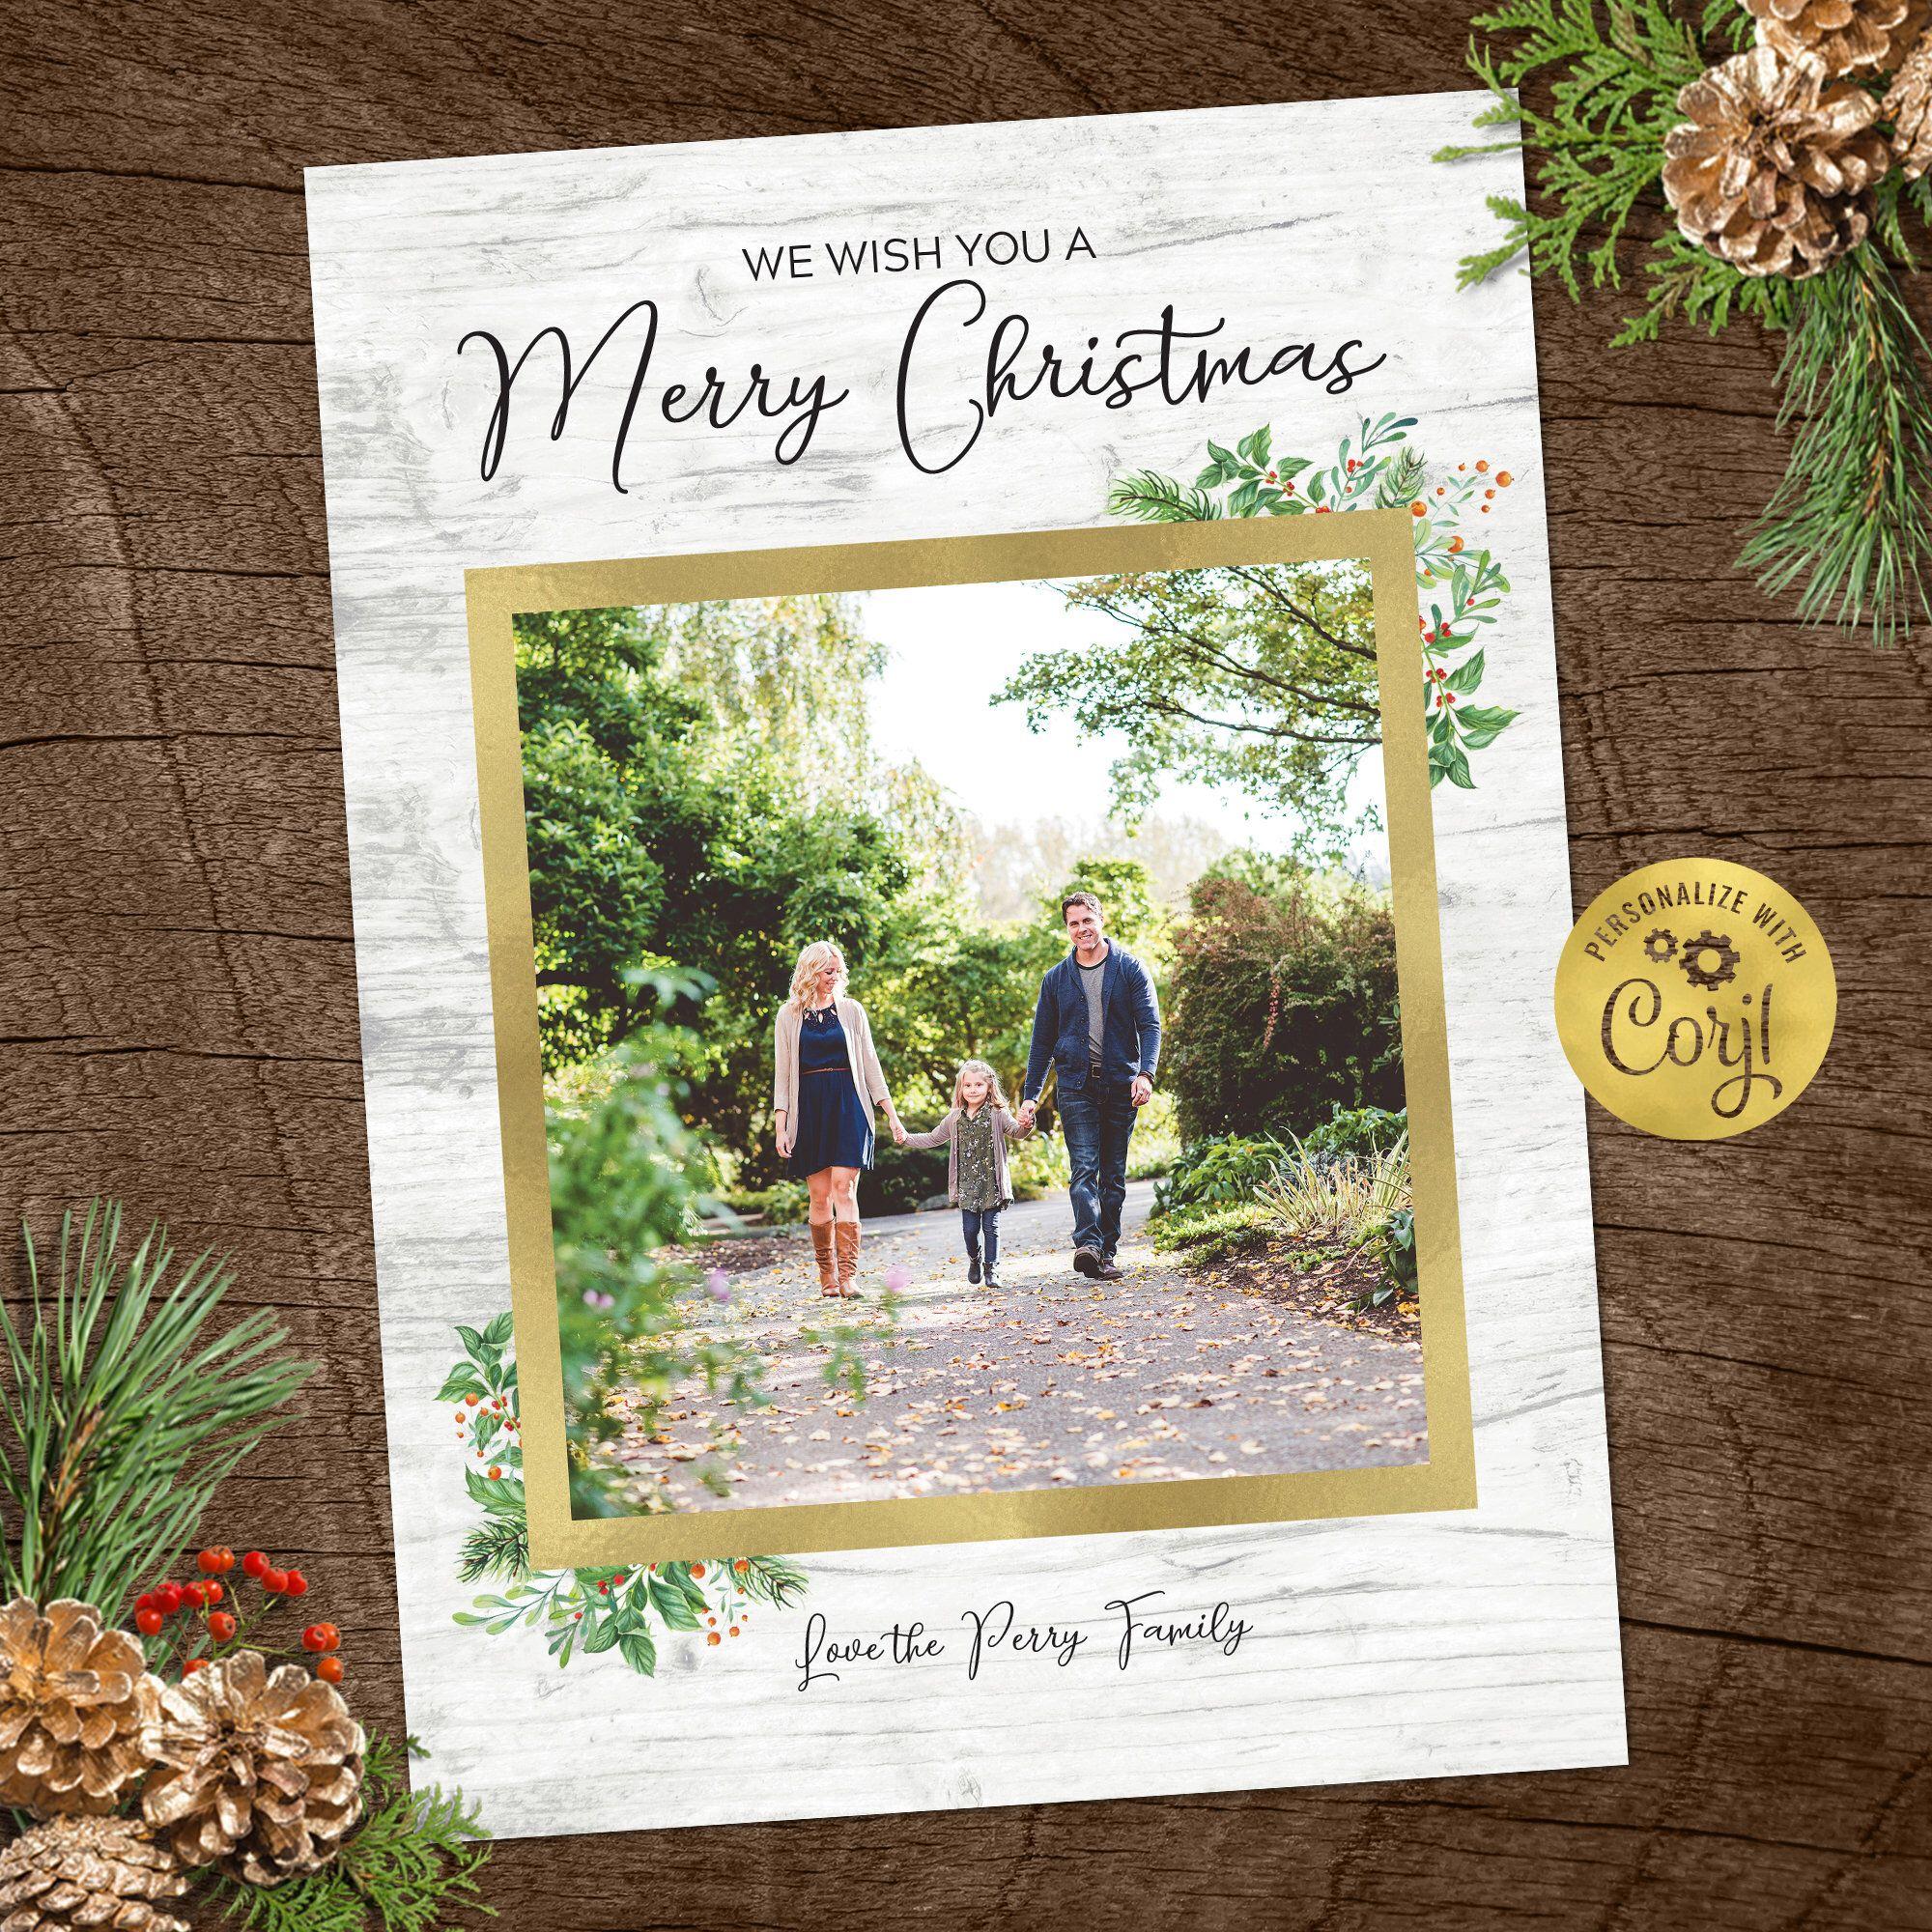 Christmas Card Template Rustic Christmas Photo Card Etsy Rustic Christmas Photo Cards Christmas Card Template Holiday Photo Cards